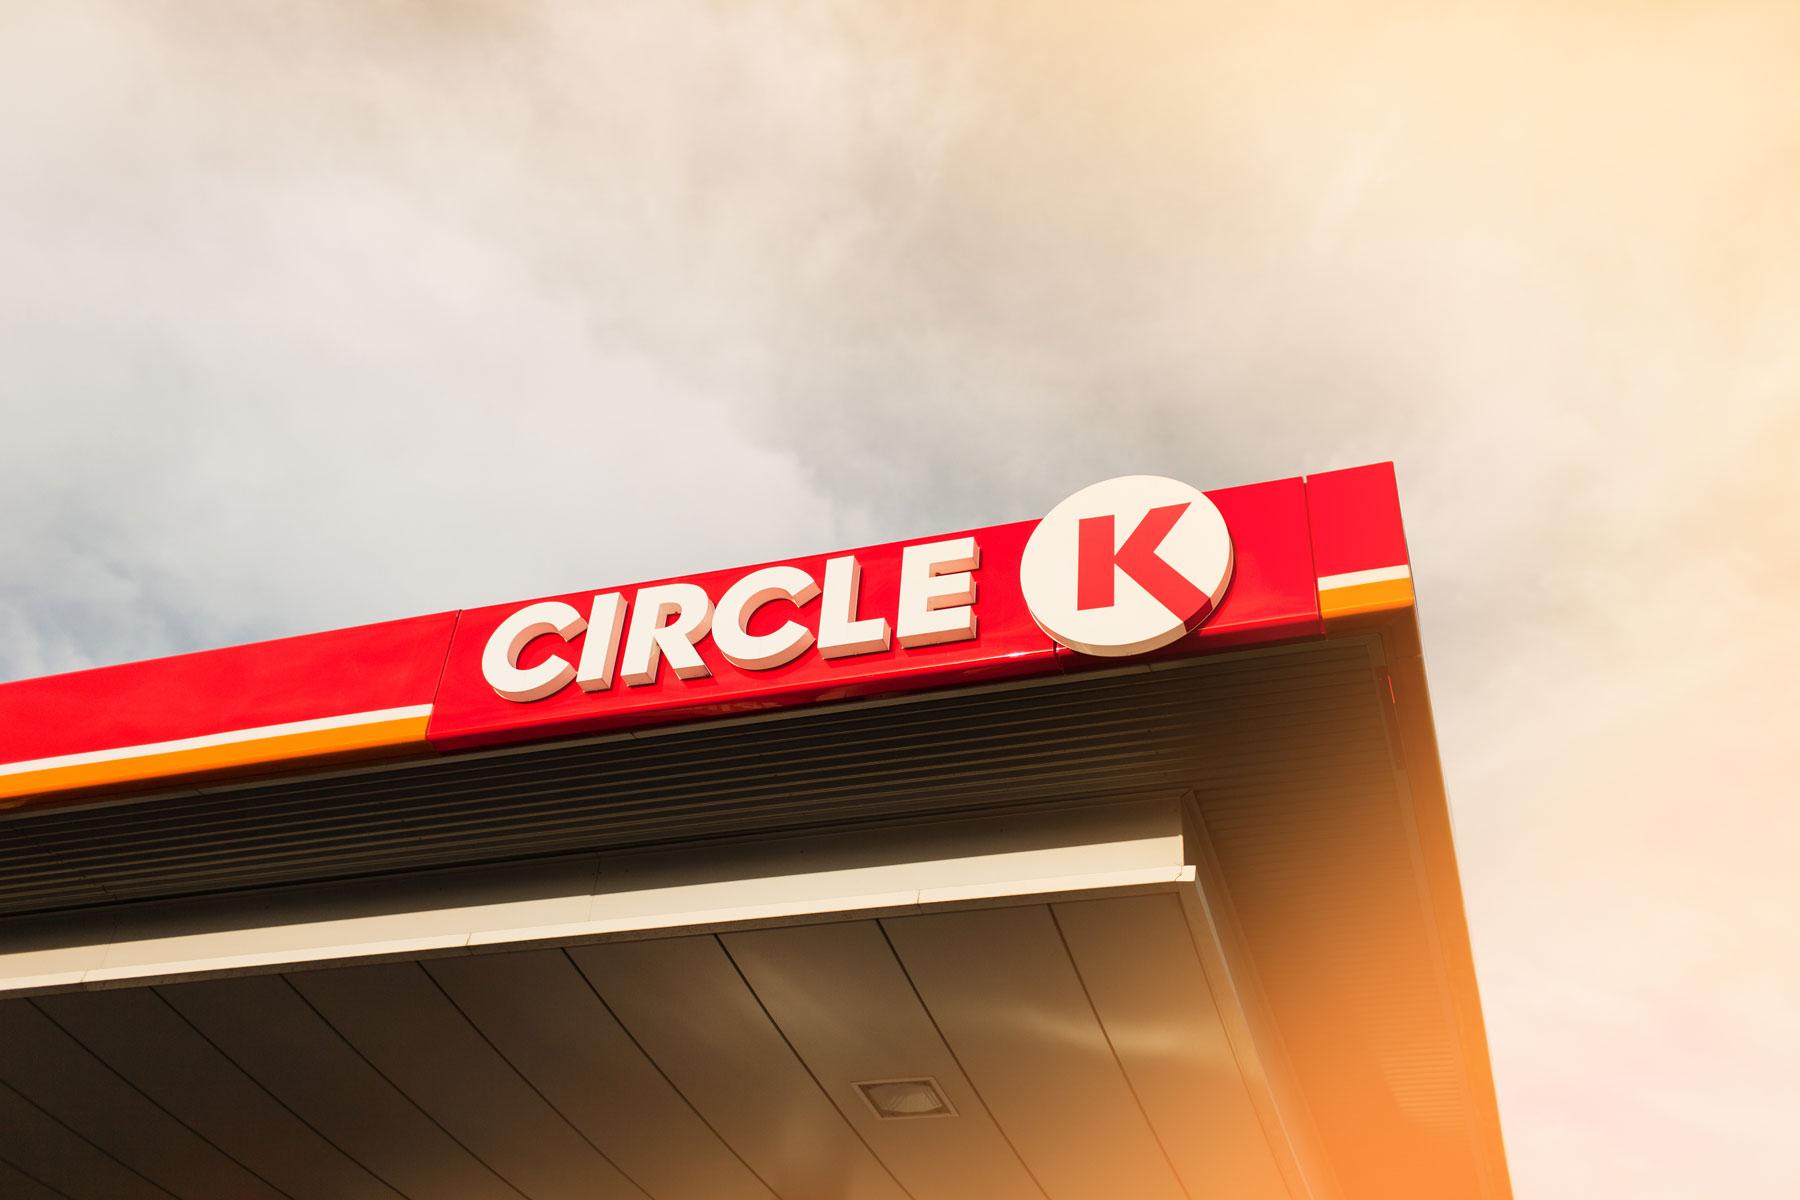 Circle K starkaste varumärket i branschen